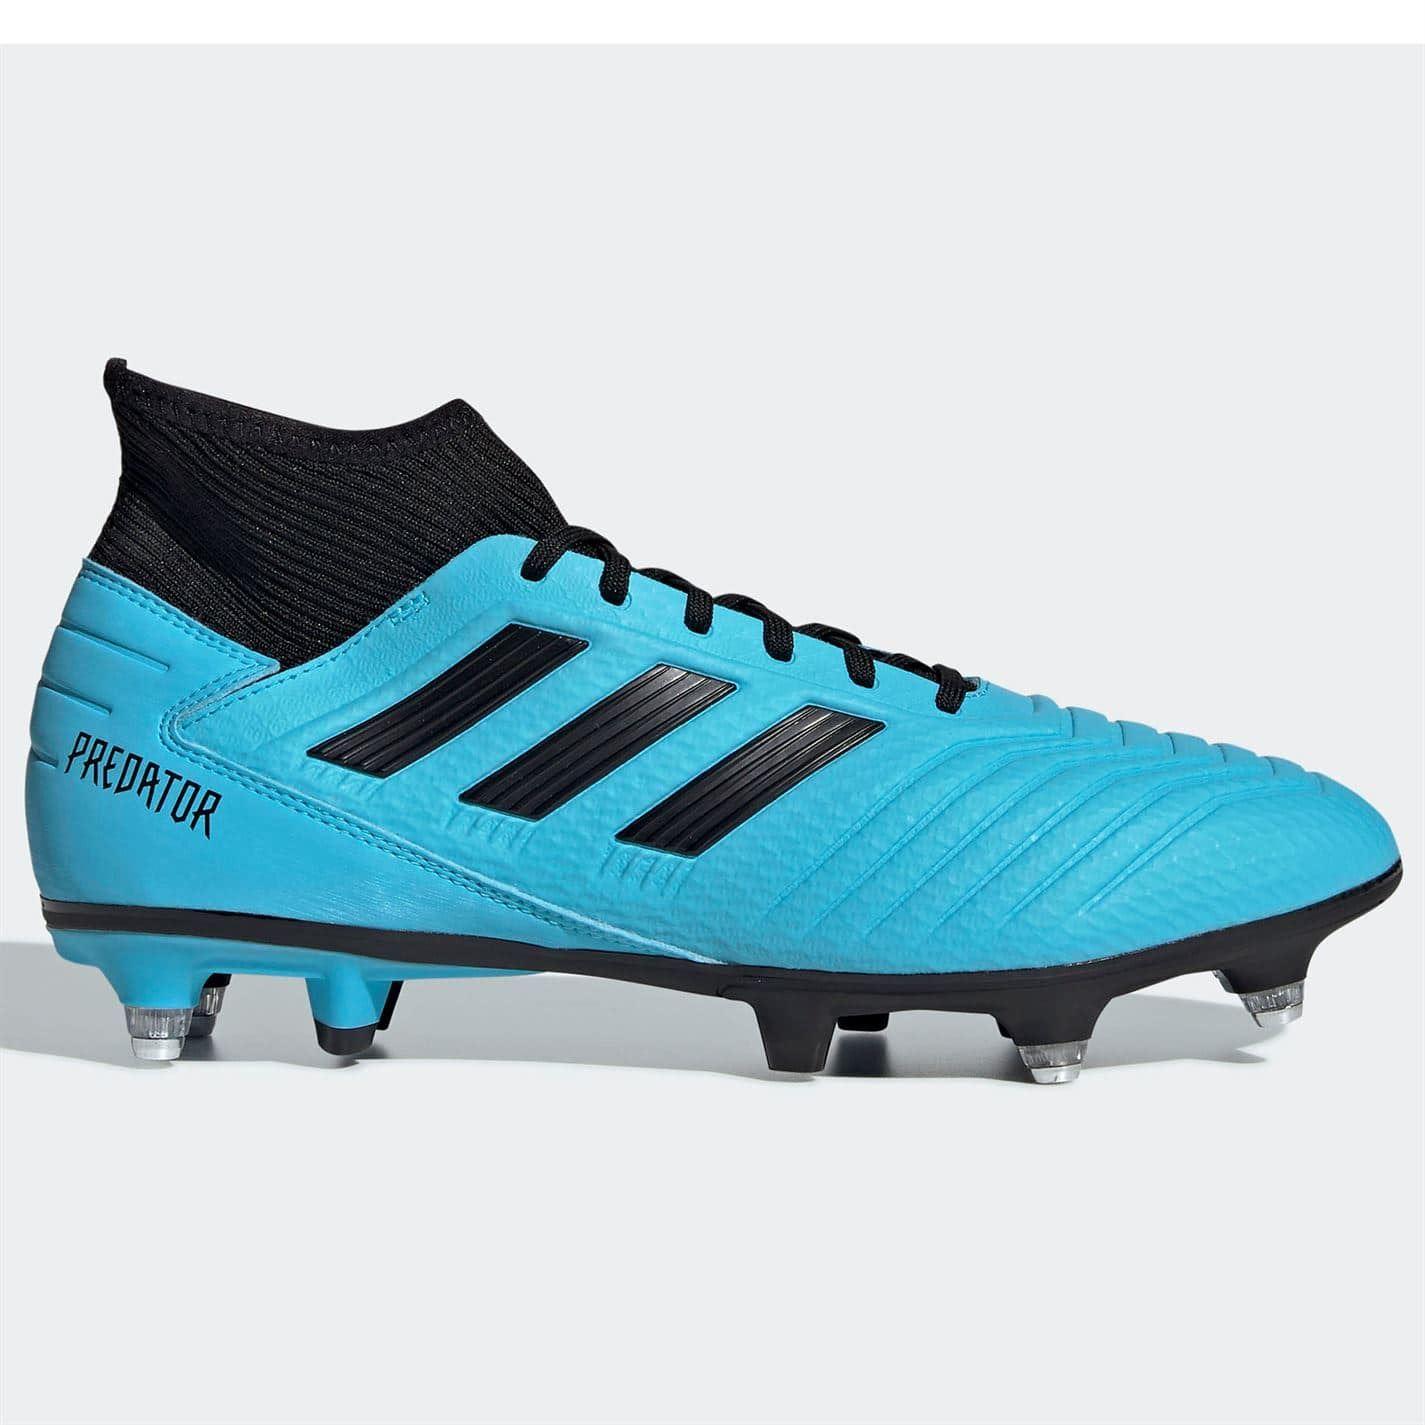 Detalles de Adidas Depredador 19.3 Botas de Fútbol Sg Hombre Cian Negro